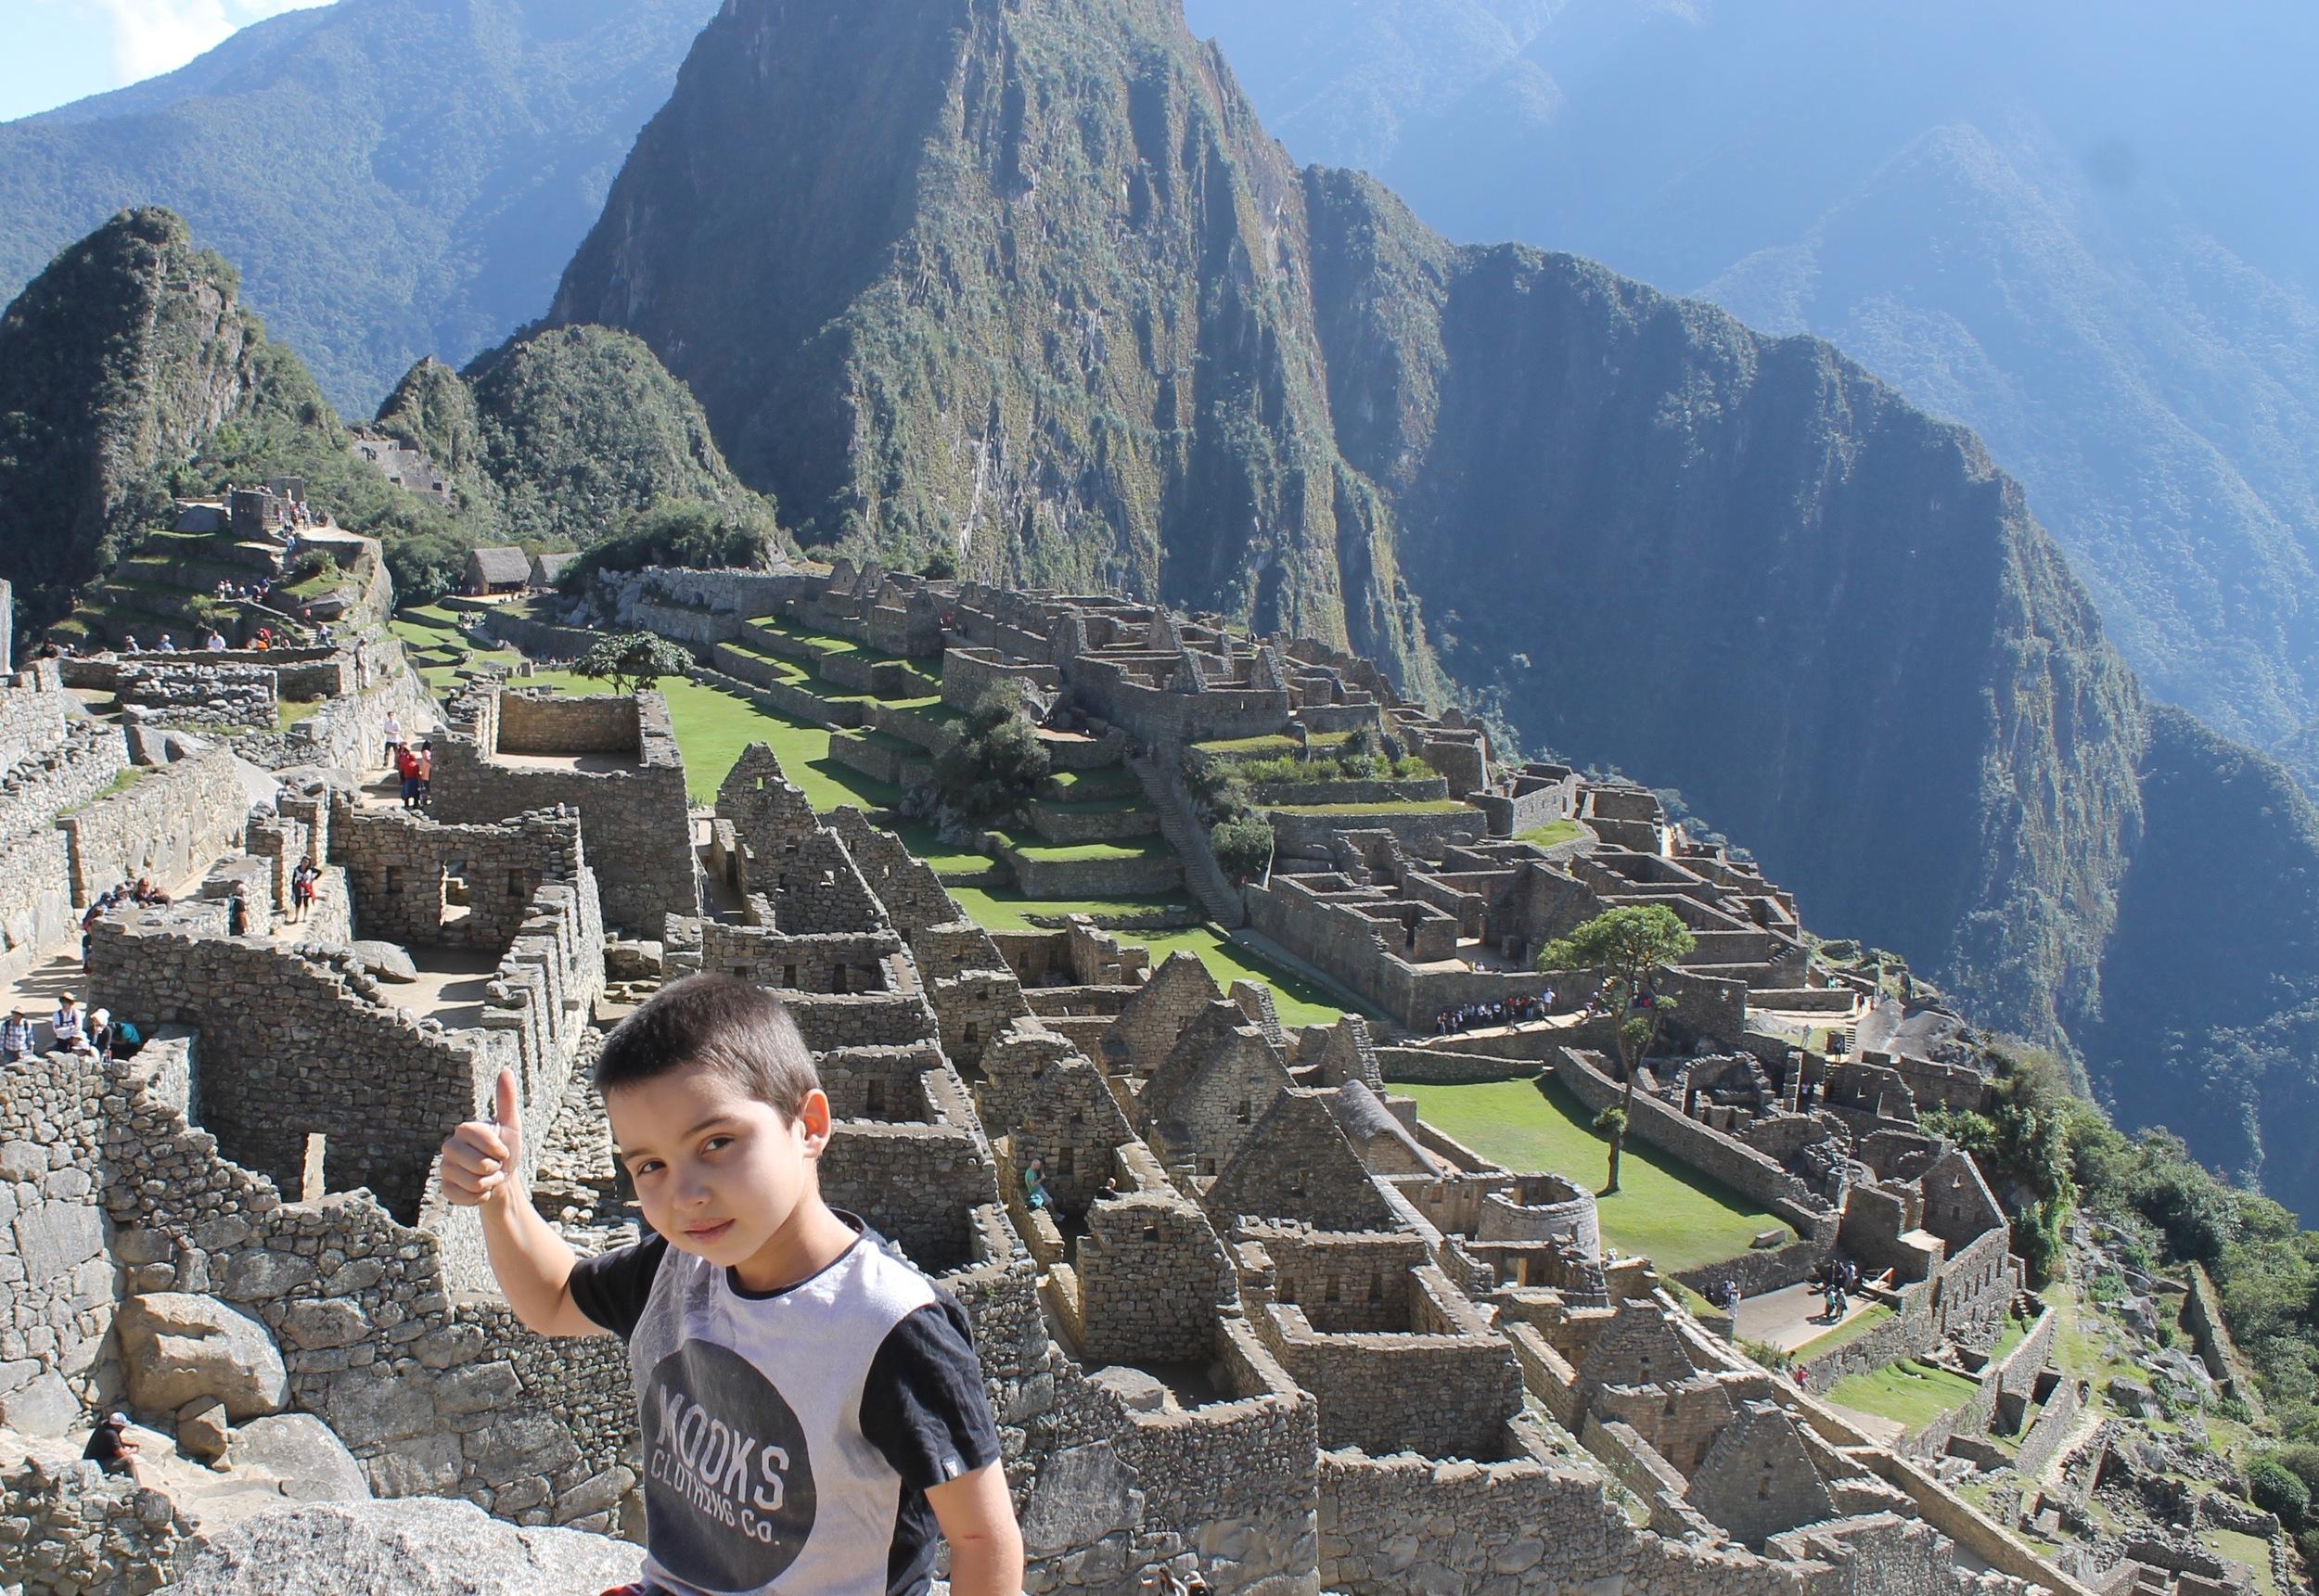 Daniel's impression of Machu Picchu